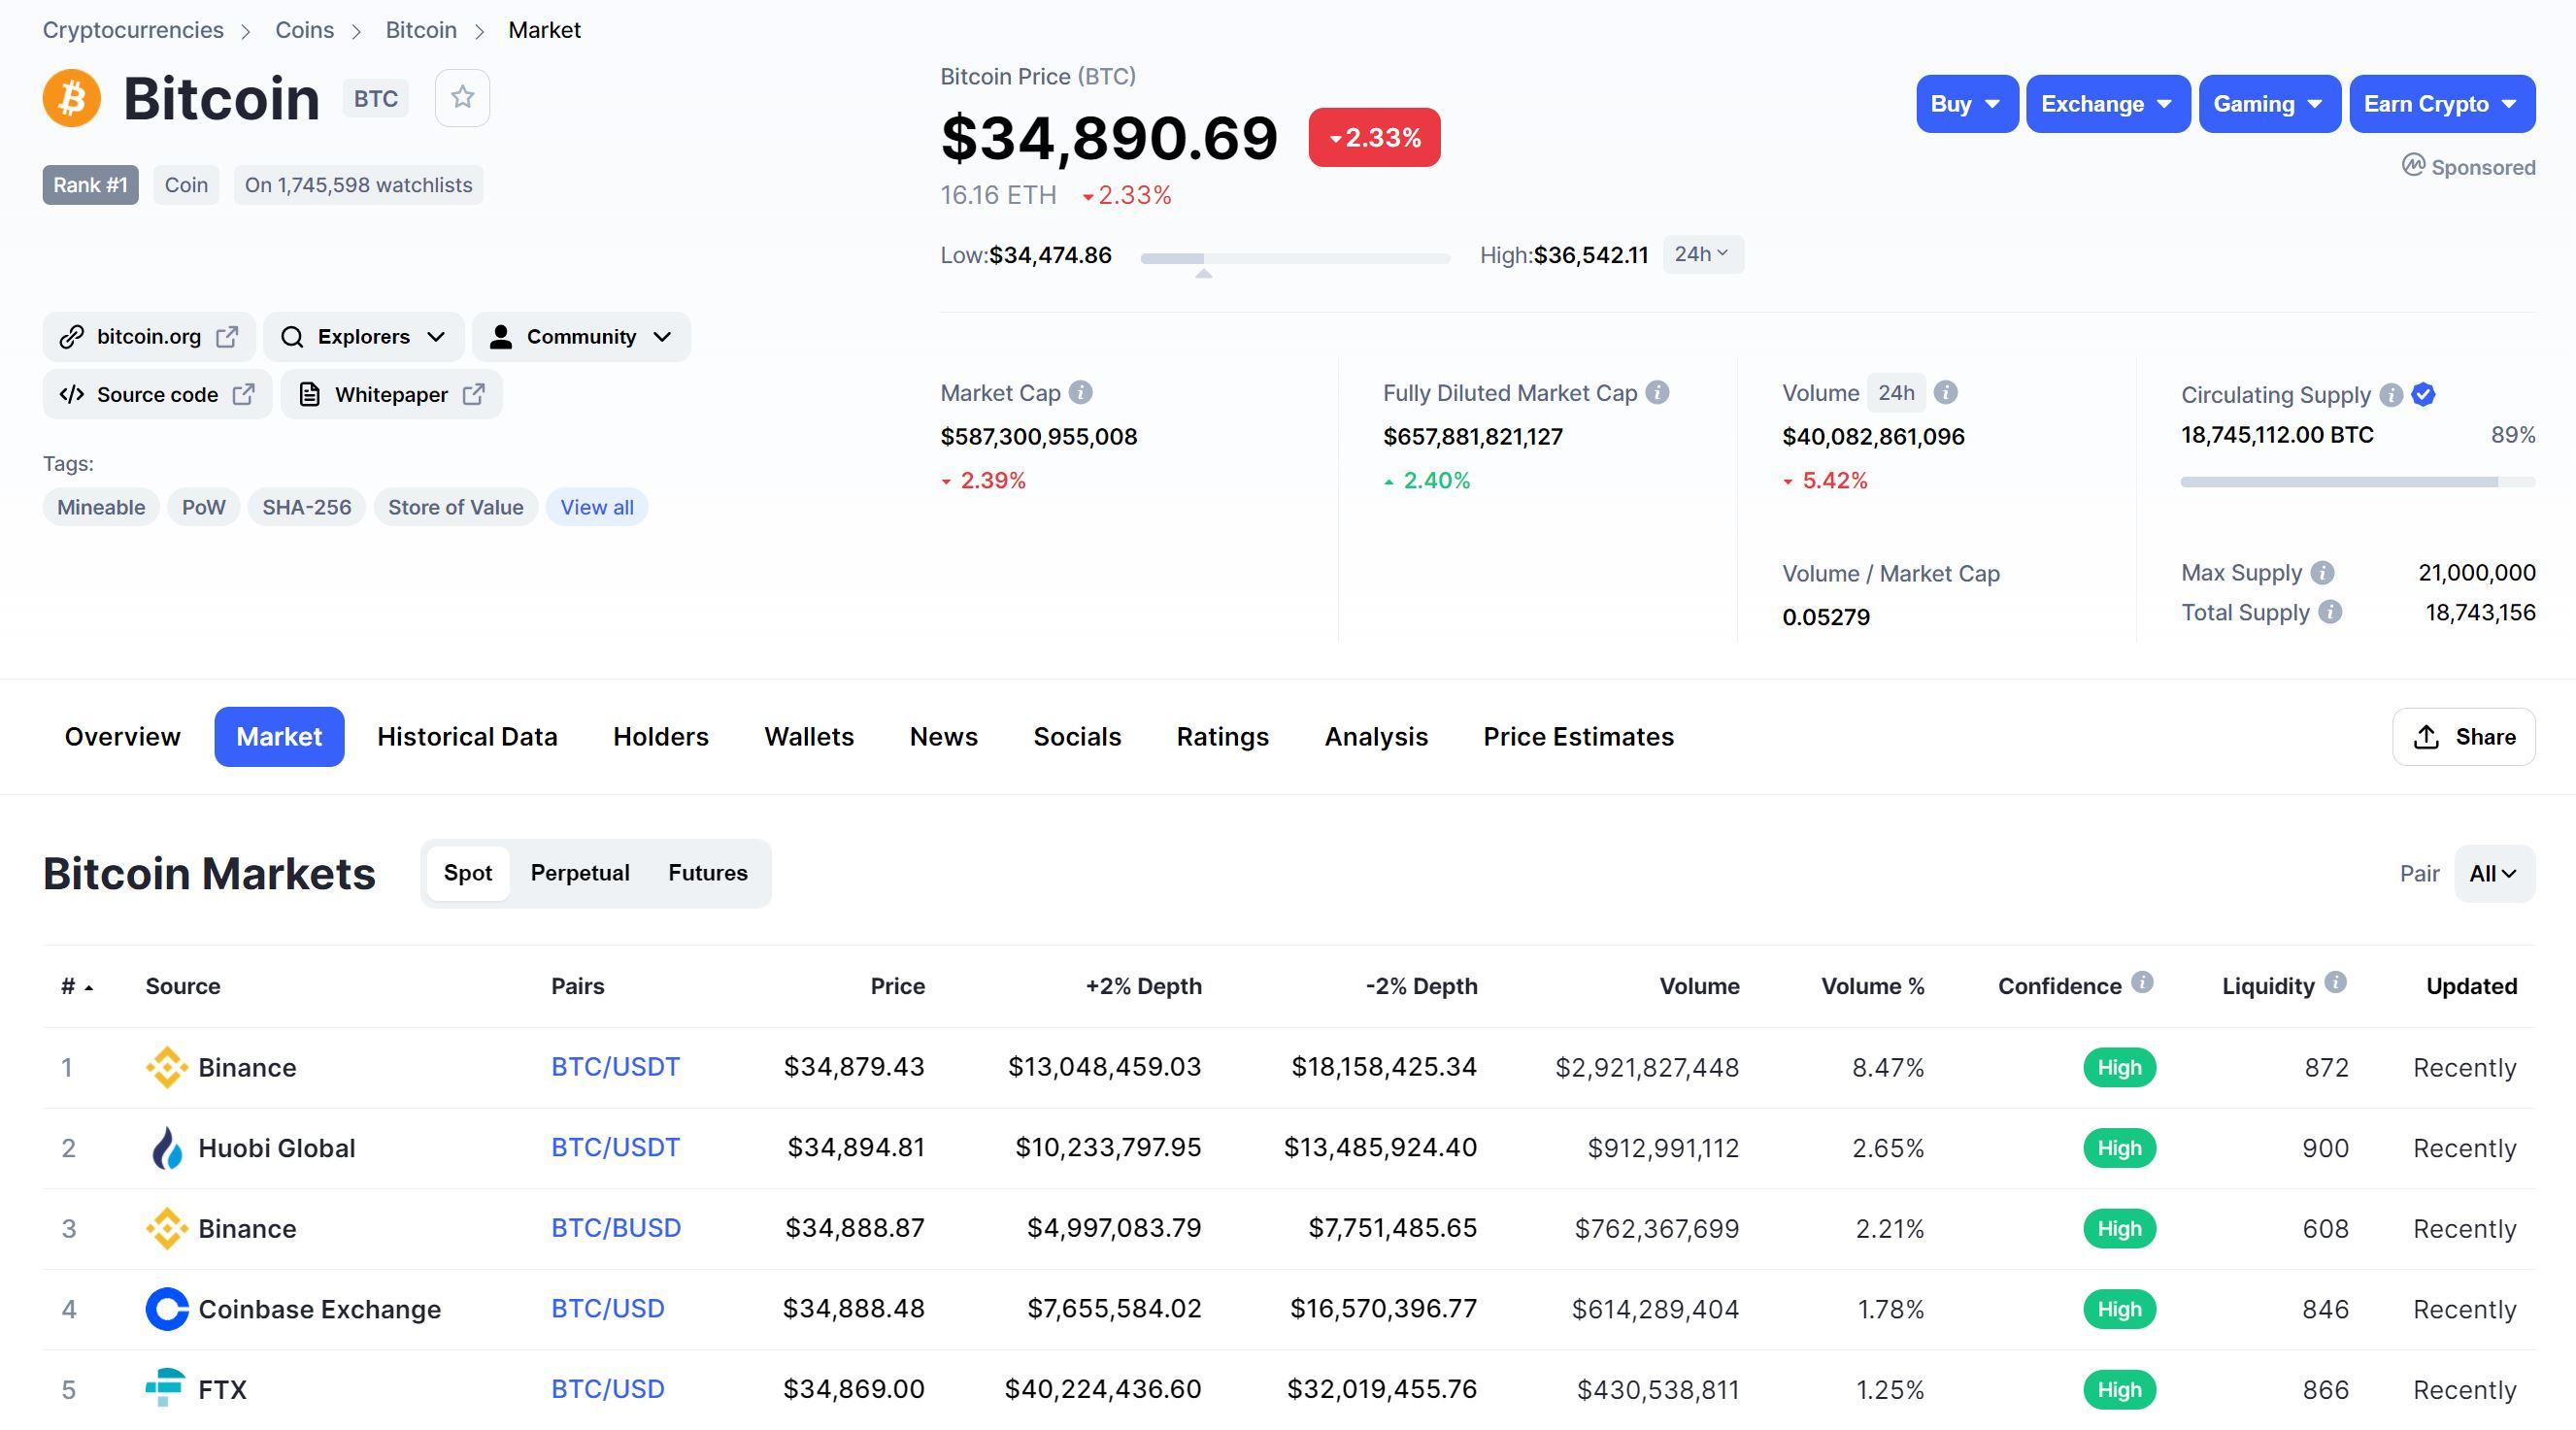 Bitcoin Markets Overview CoinMarketCap